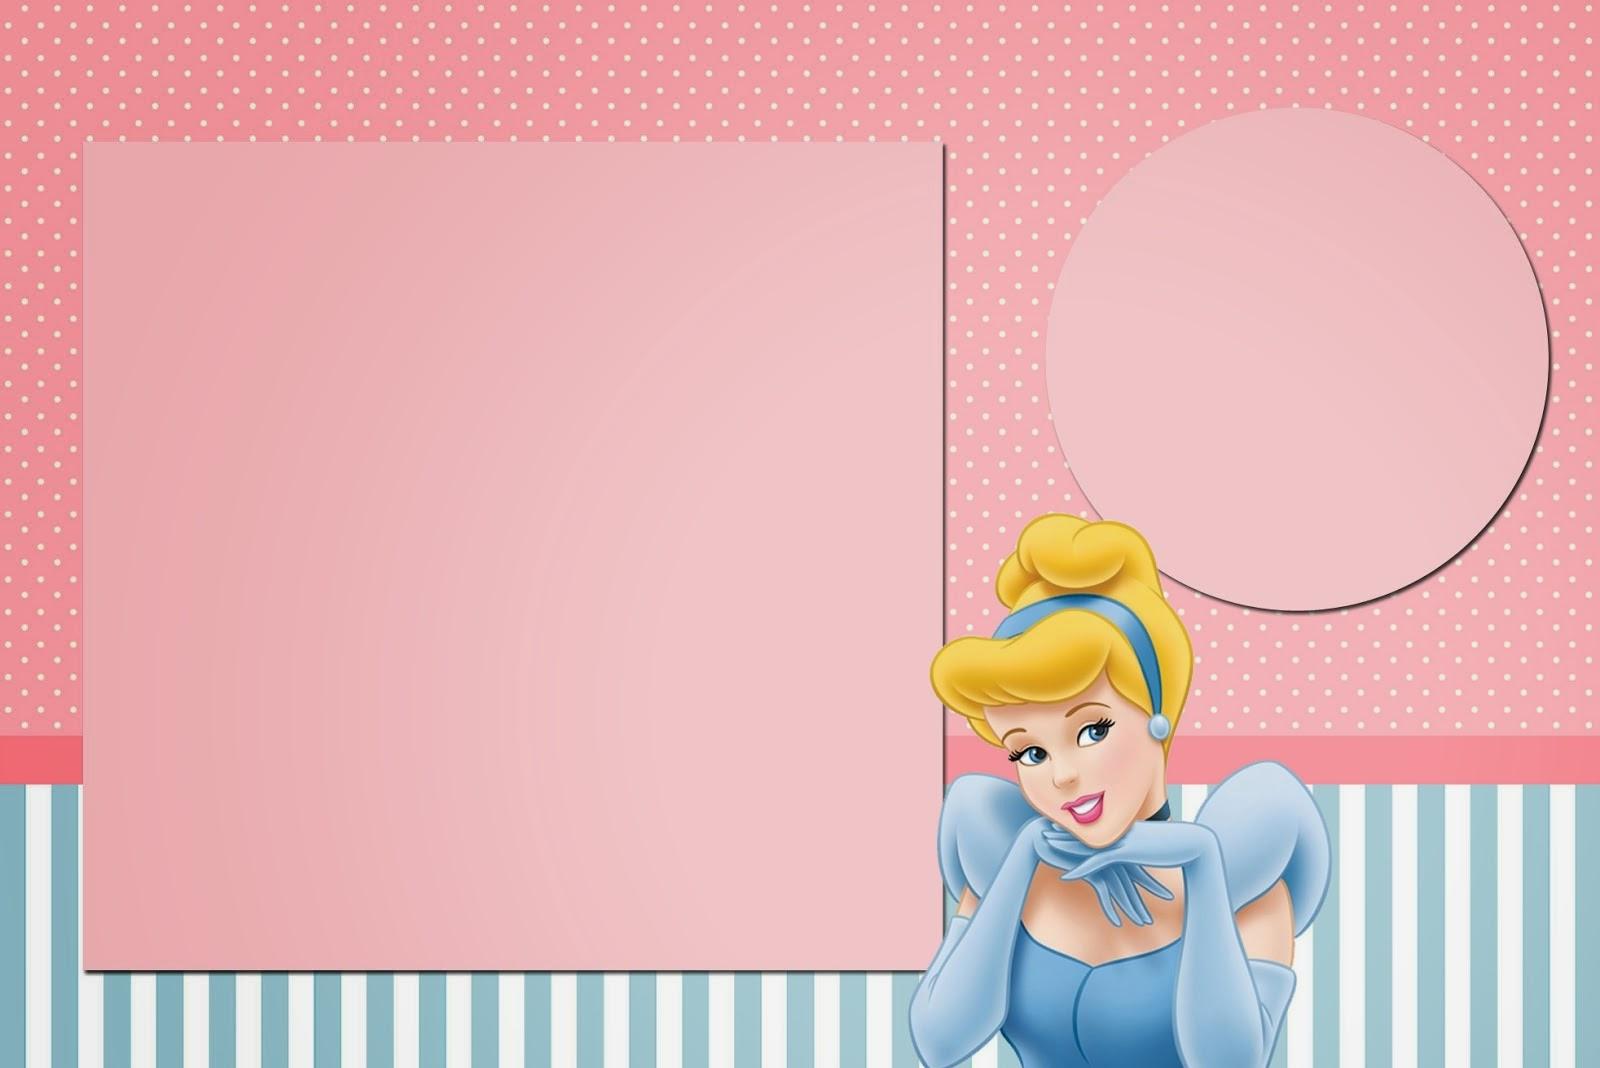 Kisses clipart cinderella Pink Blue:  Invitations Free